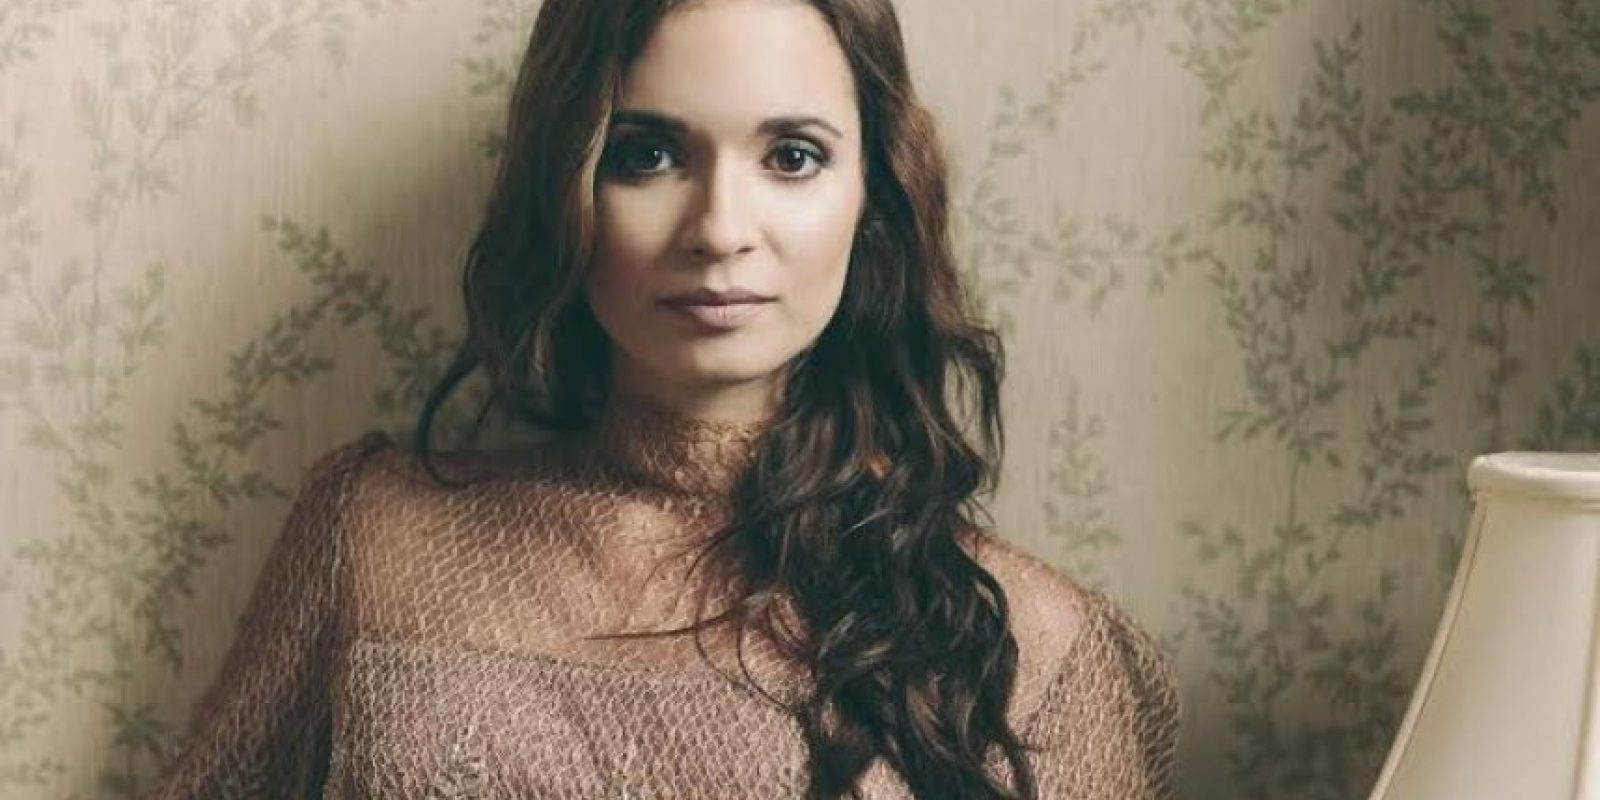 Diana Fuentes presentará su nueva propuesta musical en concierto el sábado 10 de mayo en el hotel Meliá en Ponce. Foto:suministrada. Imagen Por: